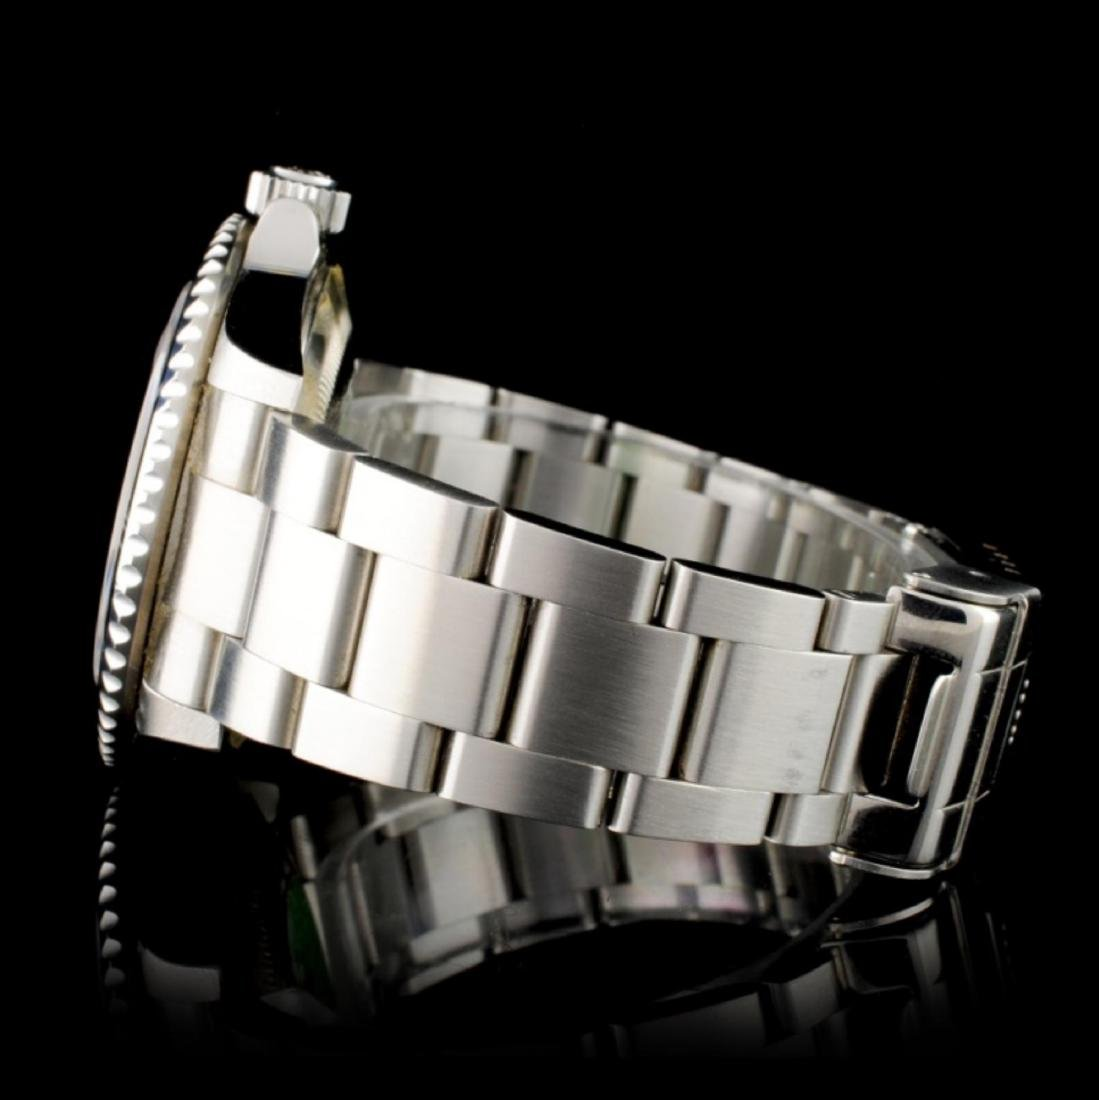 Rolex Submariner Stainless Steel Wristwatch - 3